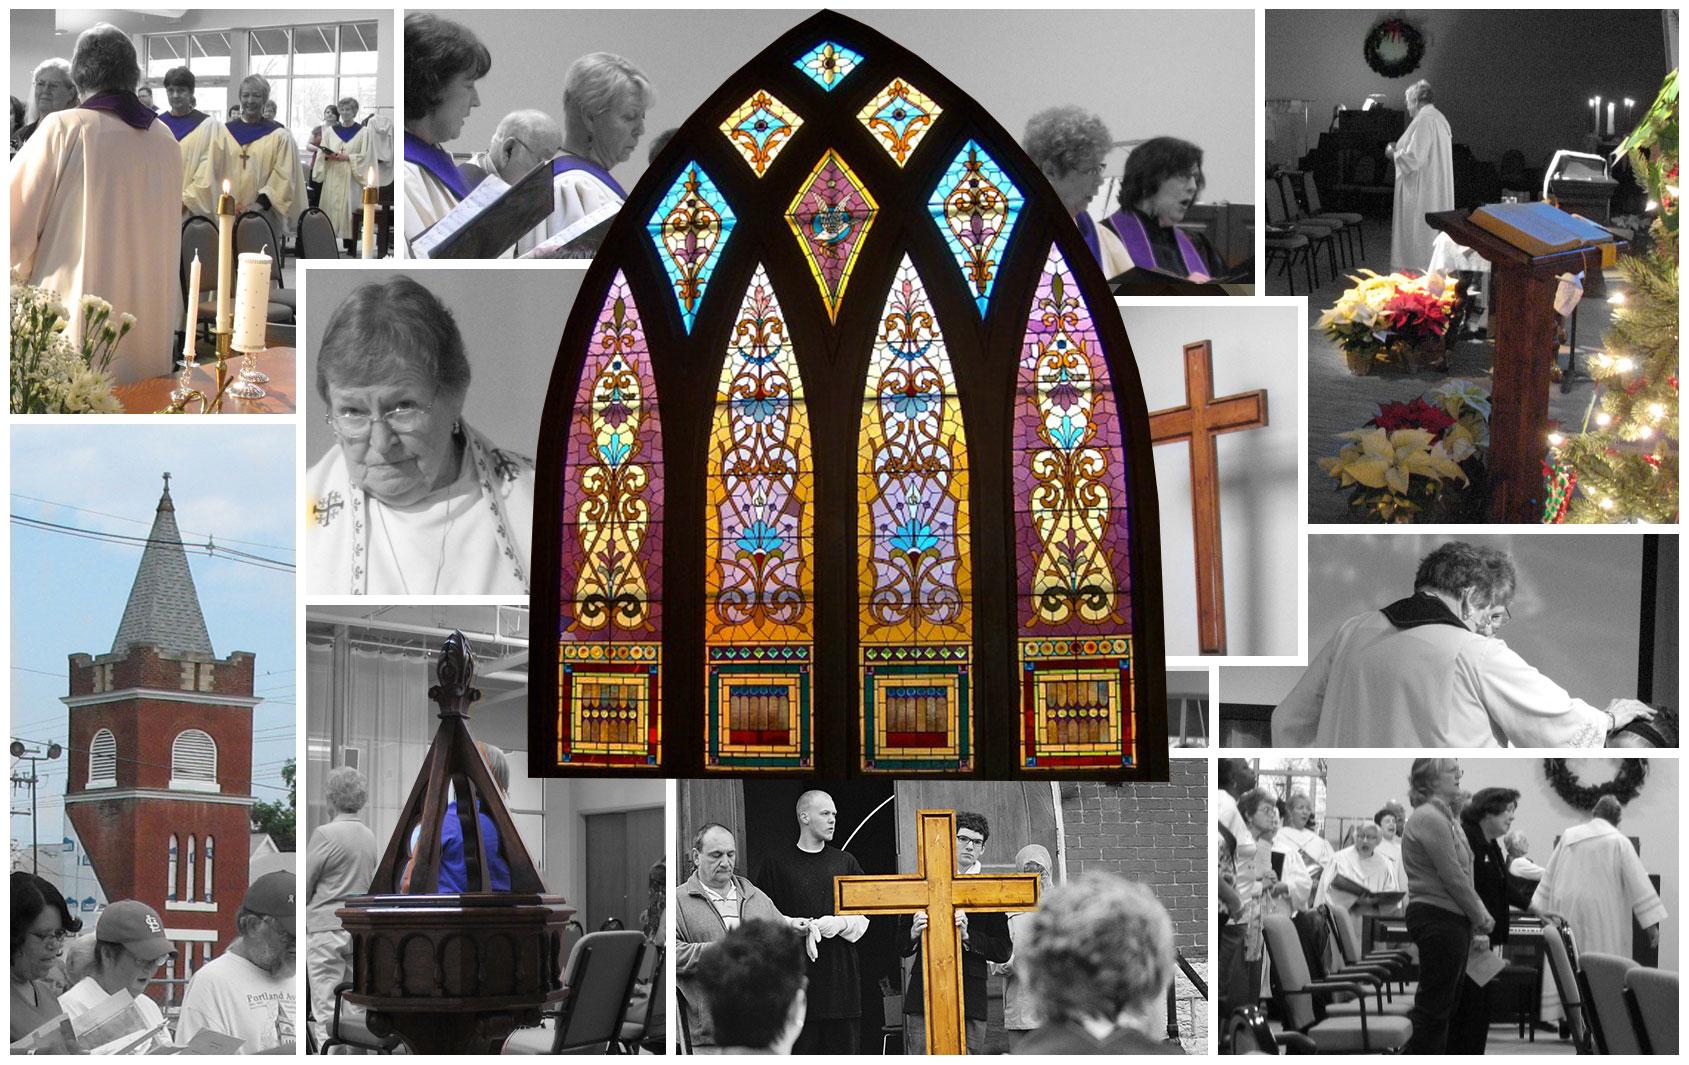 Portland Avenue Presbyterian Church